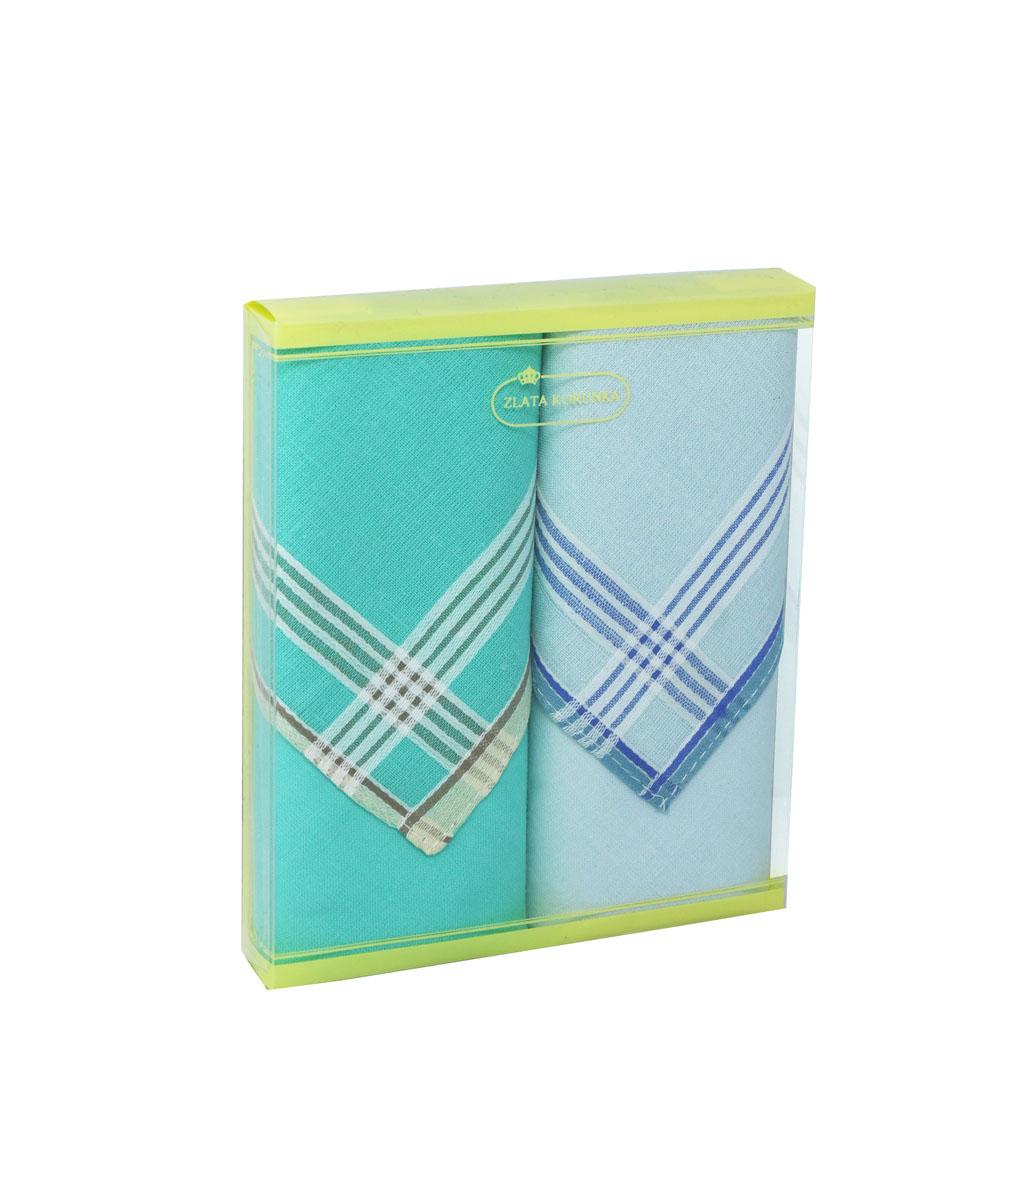 71225-10 Zlata Korunka Носовой платок женский, цвет: мультиколор, 34х34 см, 2 шт71225-10Платки носовые женские в упаковке по 2 шт. Носовые платки изготовлены из 100% хлопка, так как этот материал приятен в использовании, хорошо стирается, не садится, отлично впитывает влагу.